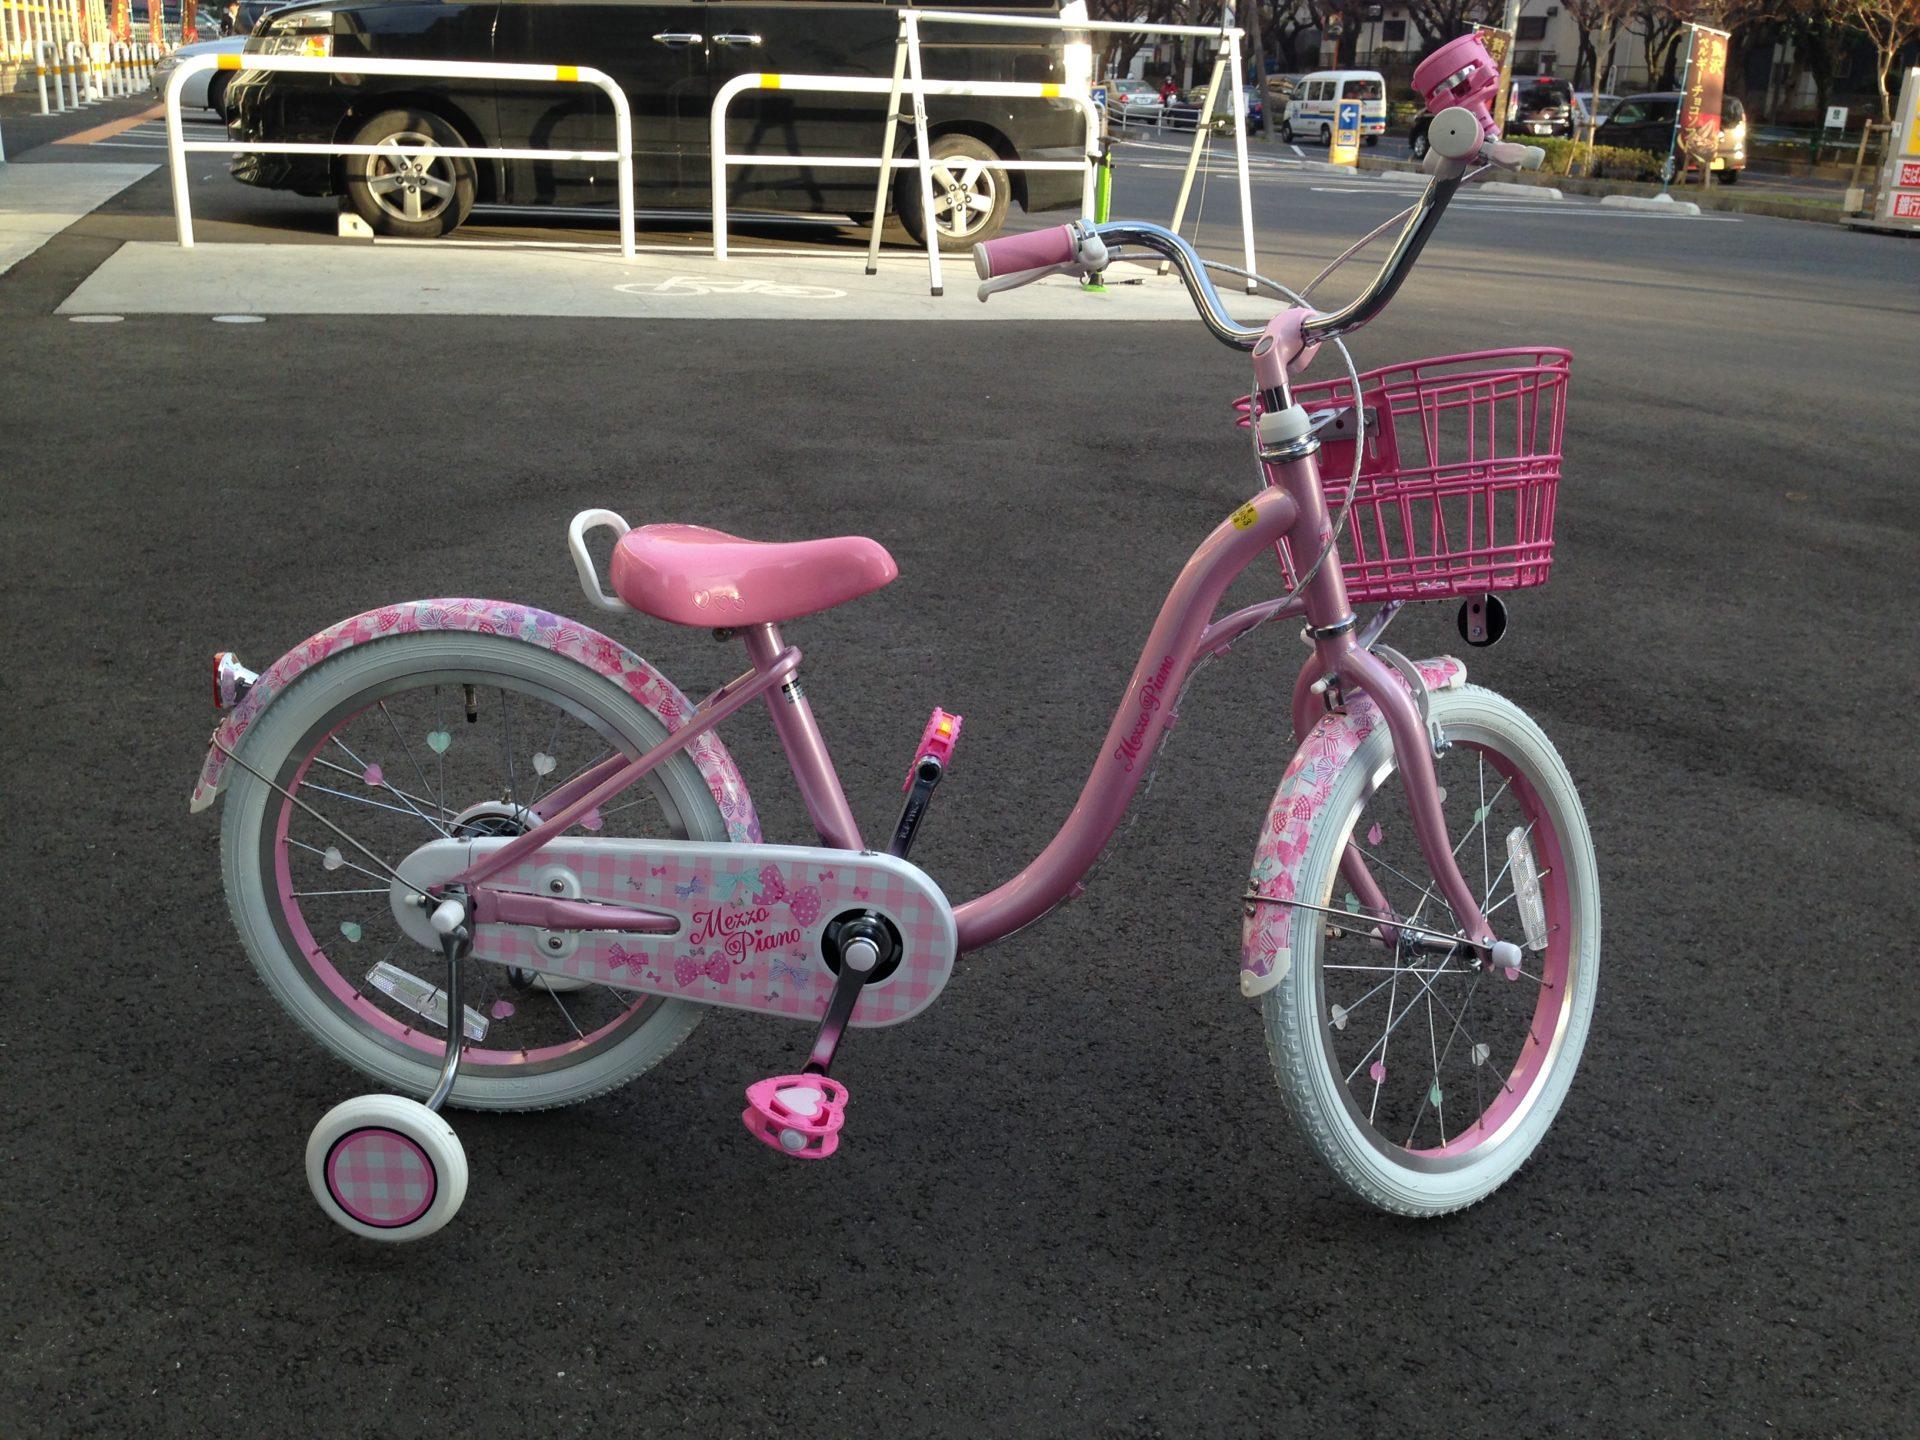 【クリスマスプレゼント】4歳の女の子が喜ぶ自転車選び。【メゾピアノ×あさひ】